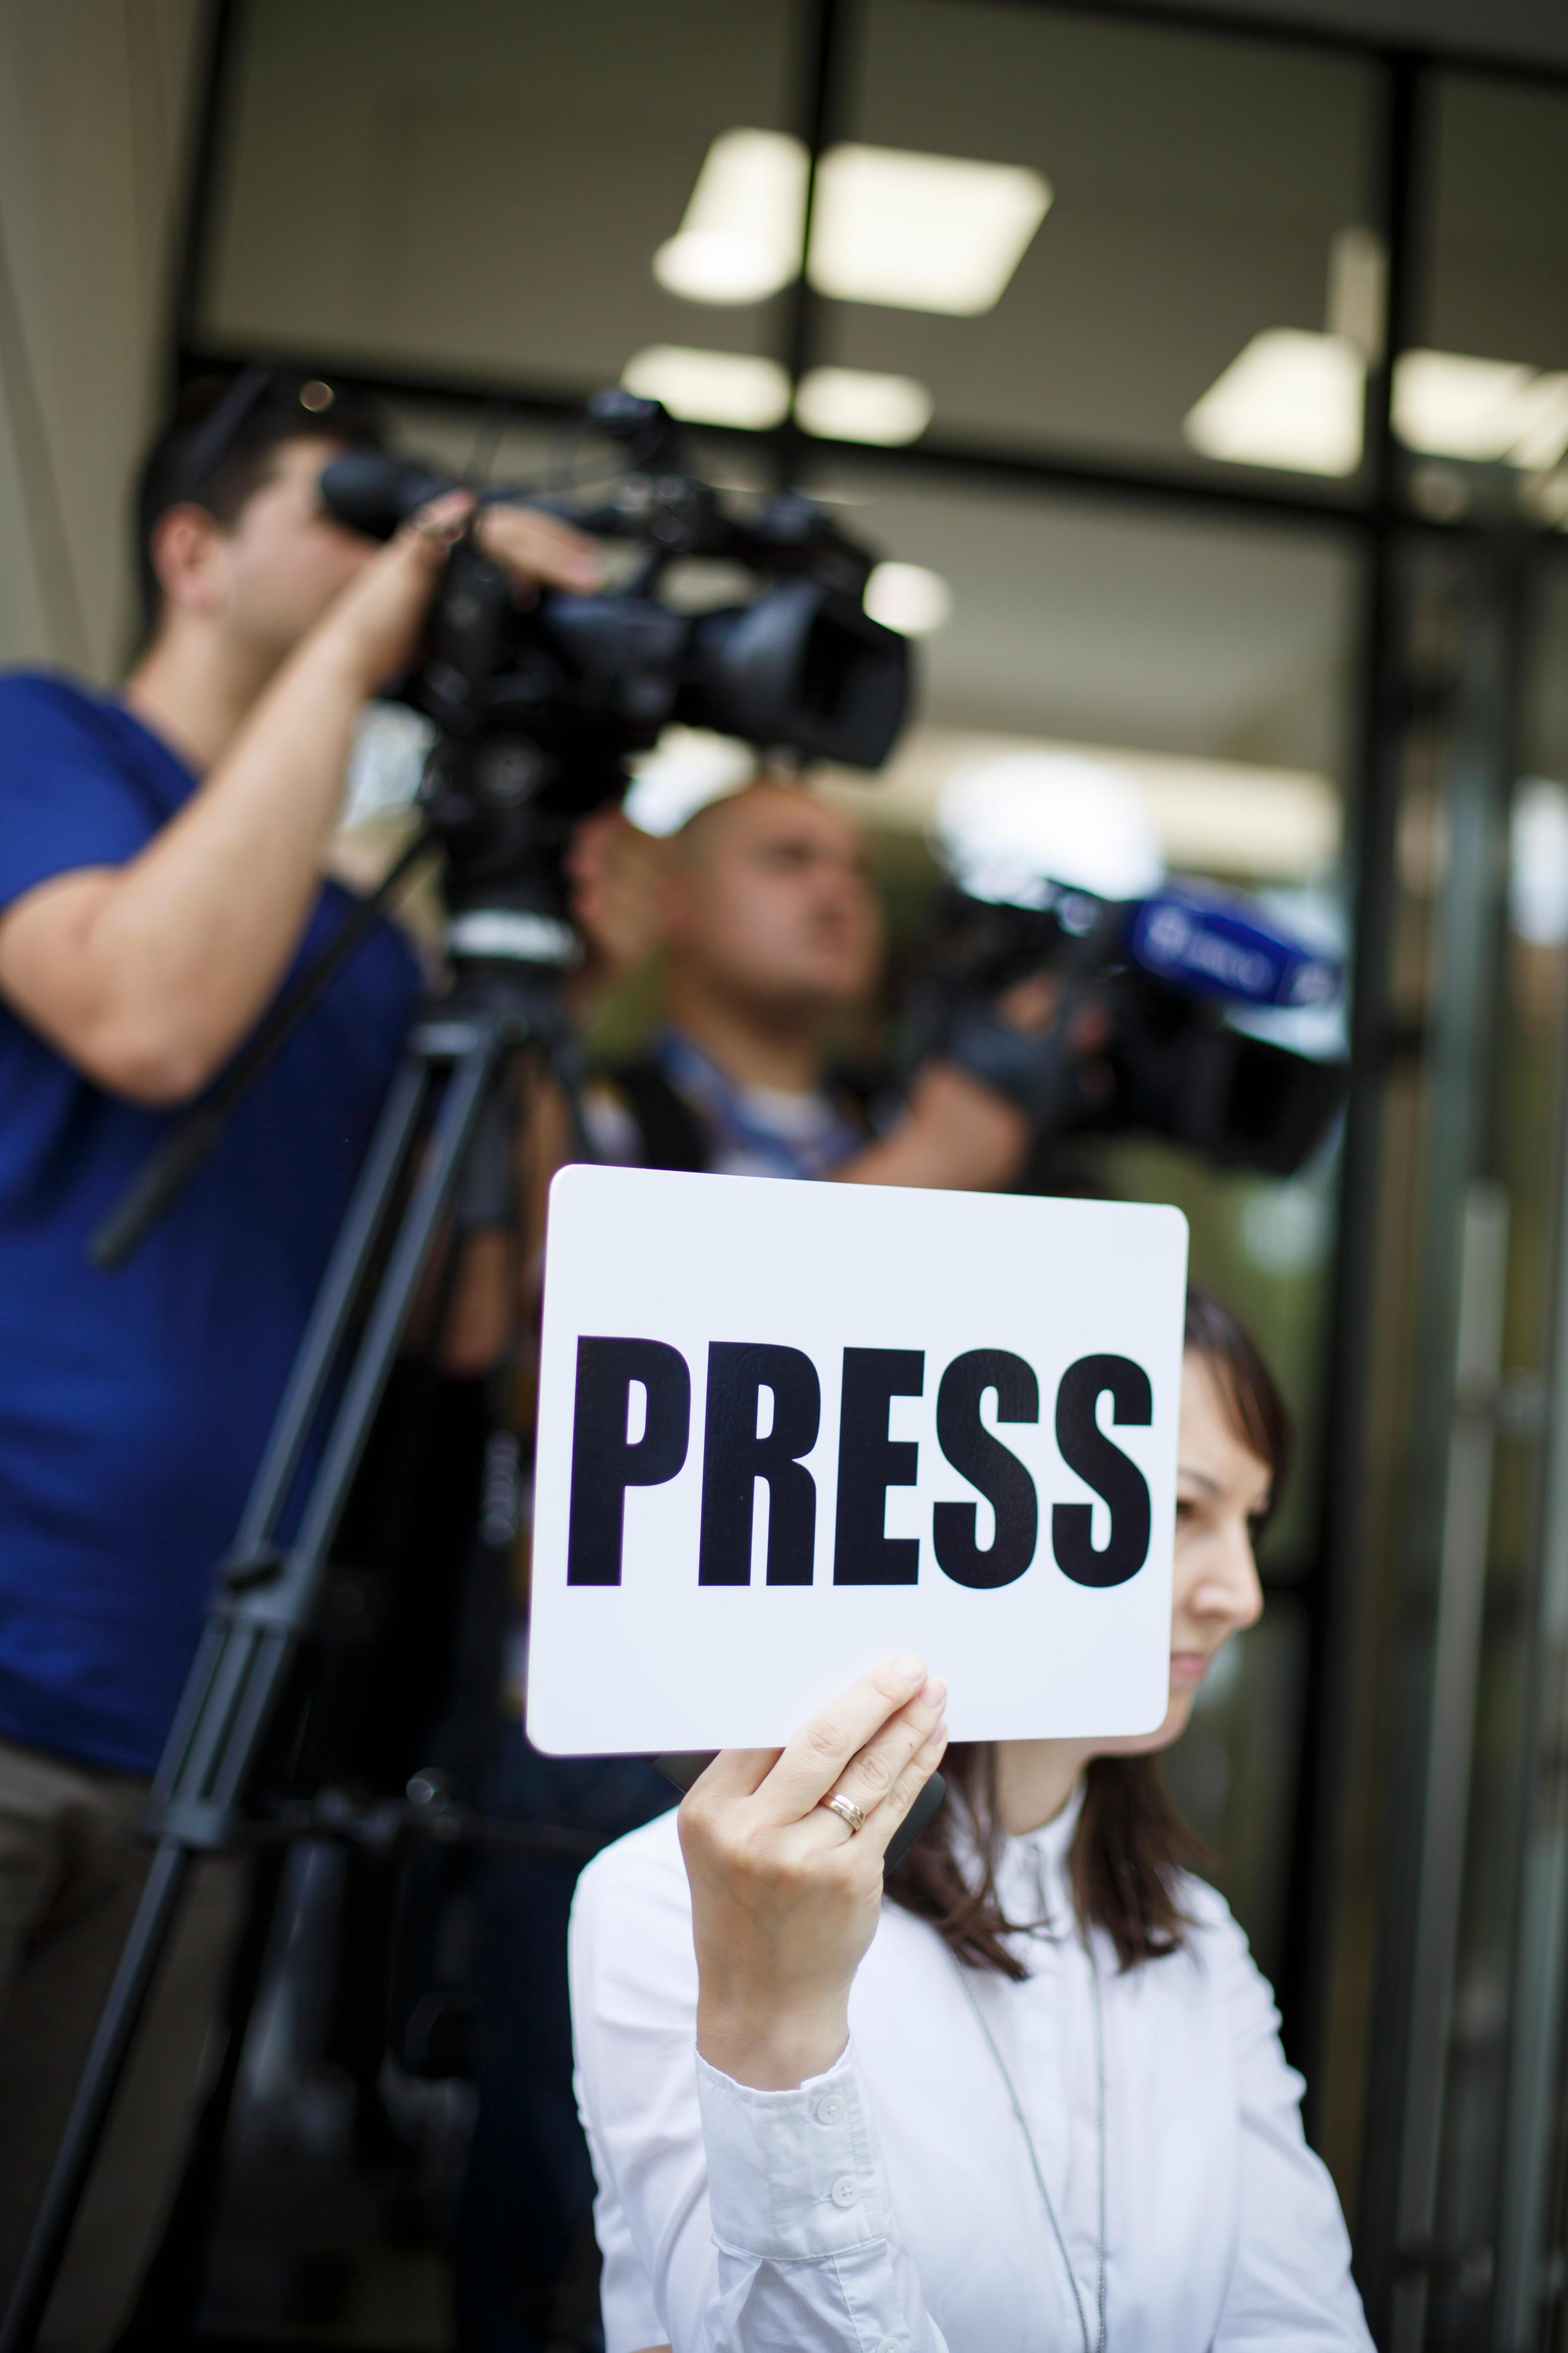 Journalisten in der Republik Moldau